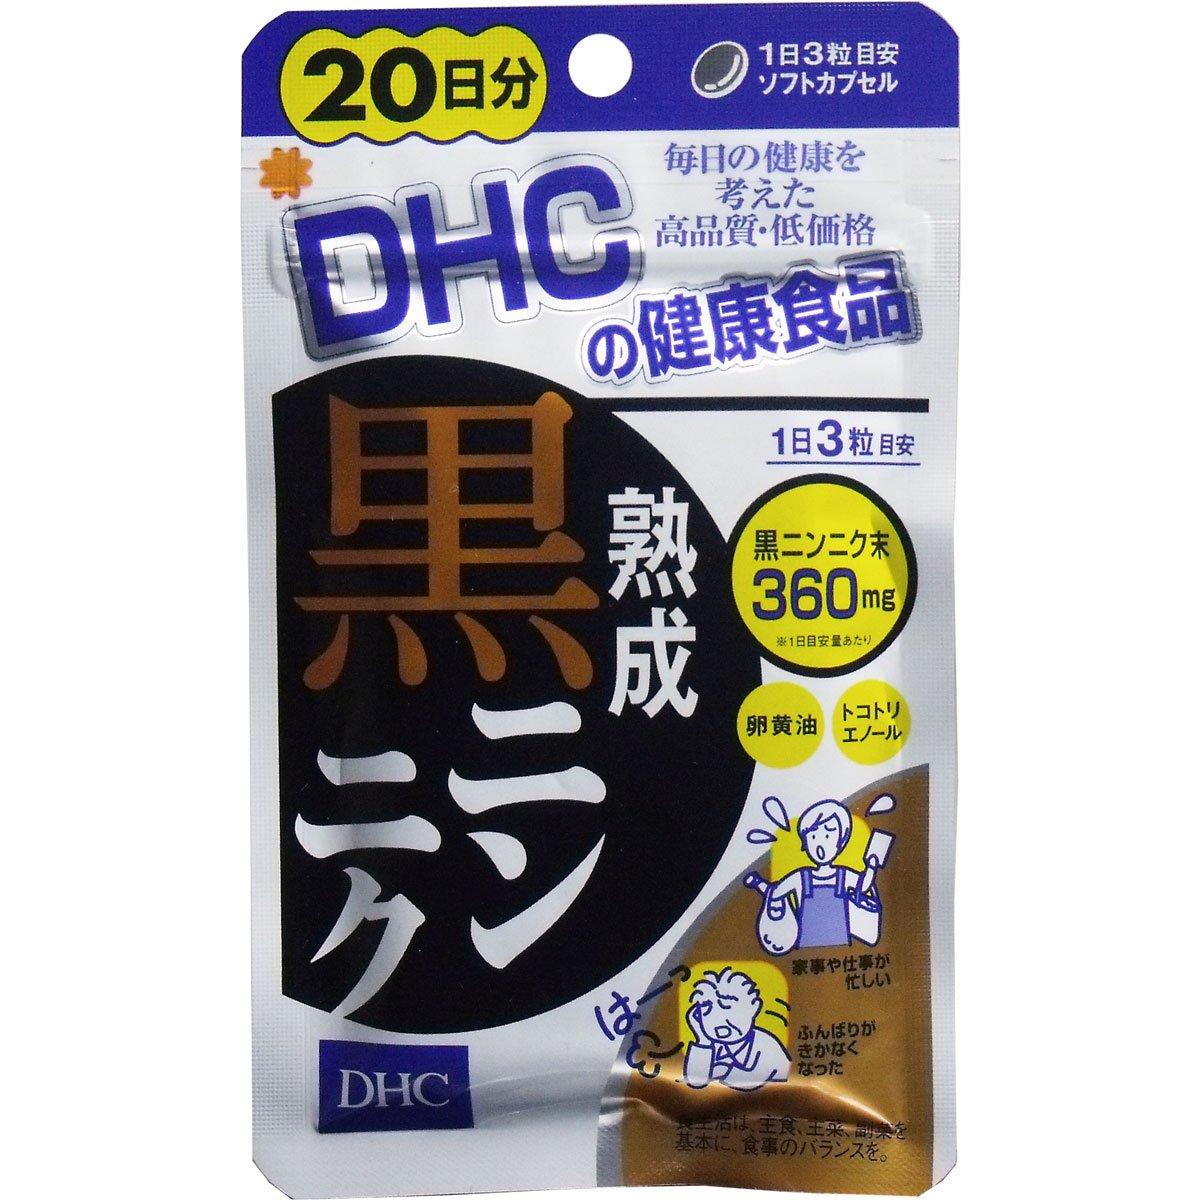 【DHC】熟成黒ニンニク 20日分 (60粒) ×20個セット B00V2HIPWK